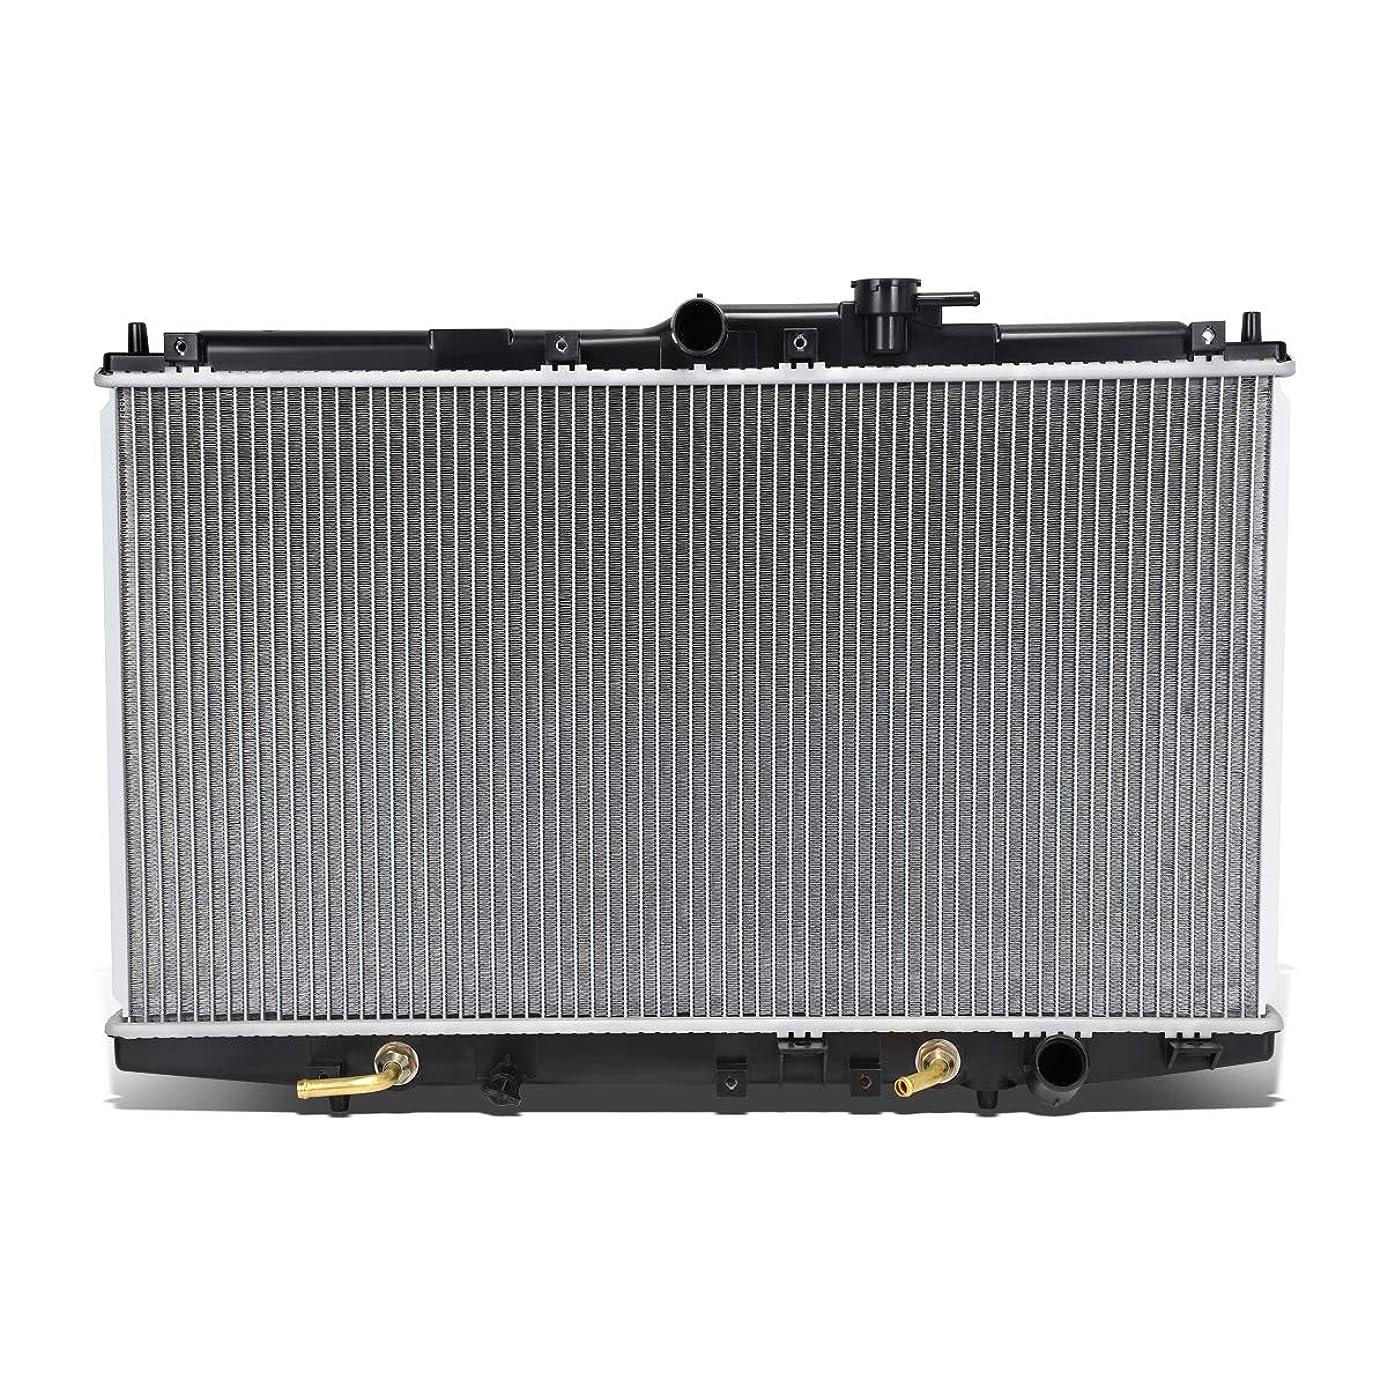 DNA Motoring OEM-RA-2148 Aluminum Core Radiator (For 98-02 Honda Accord 2.3L AT)